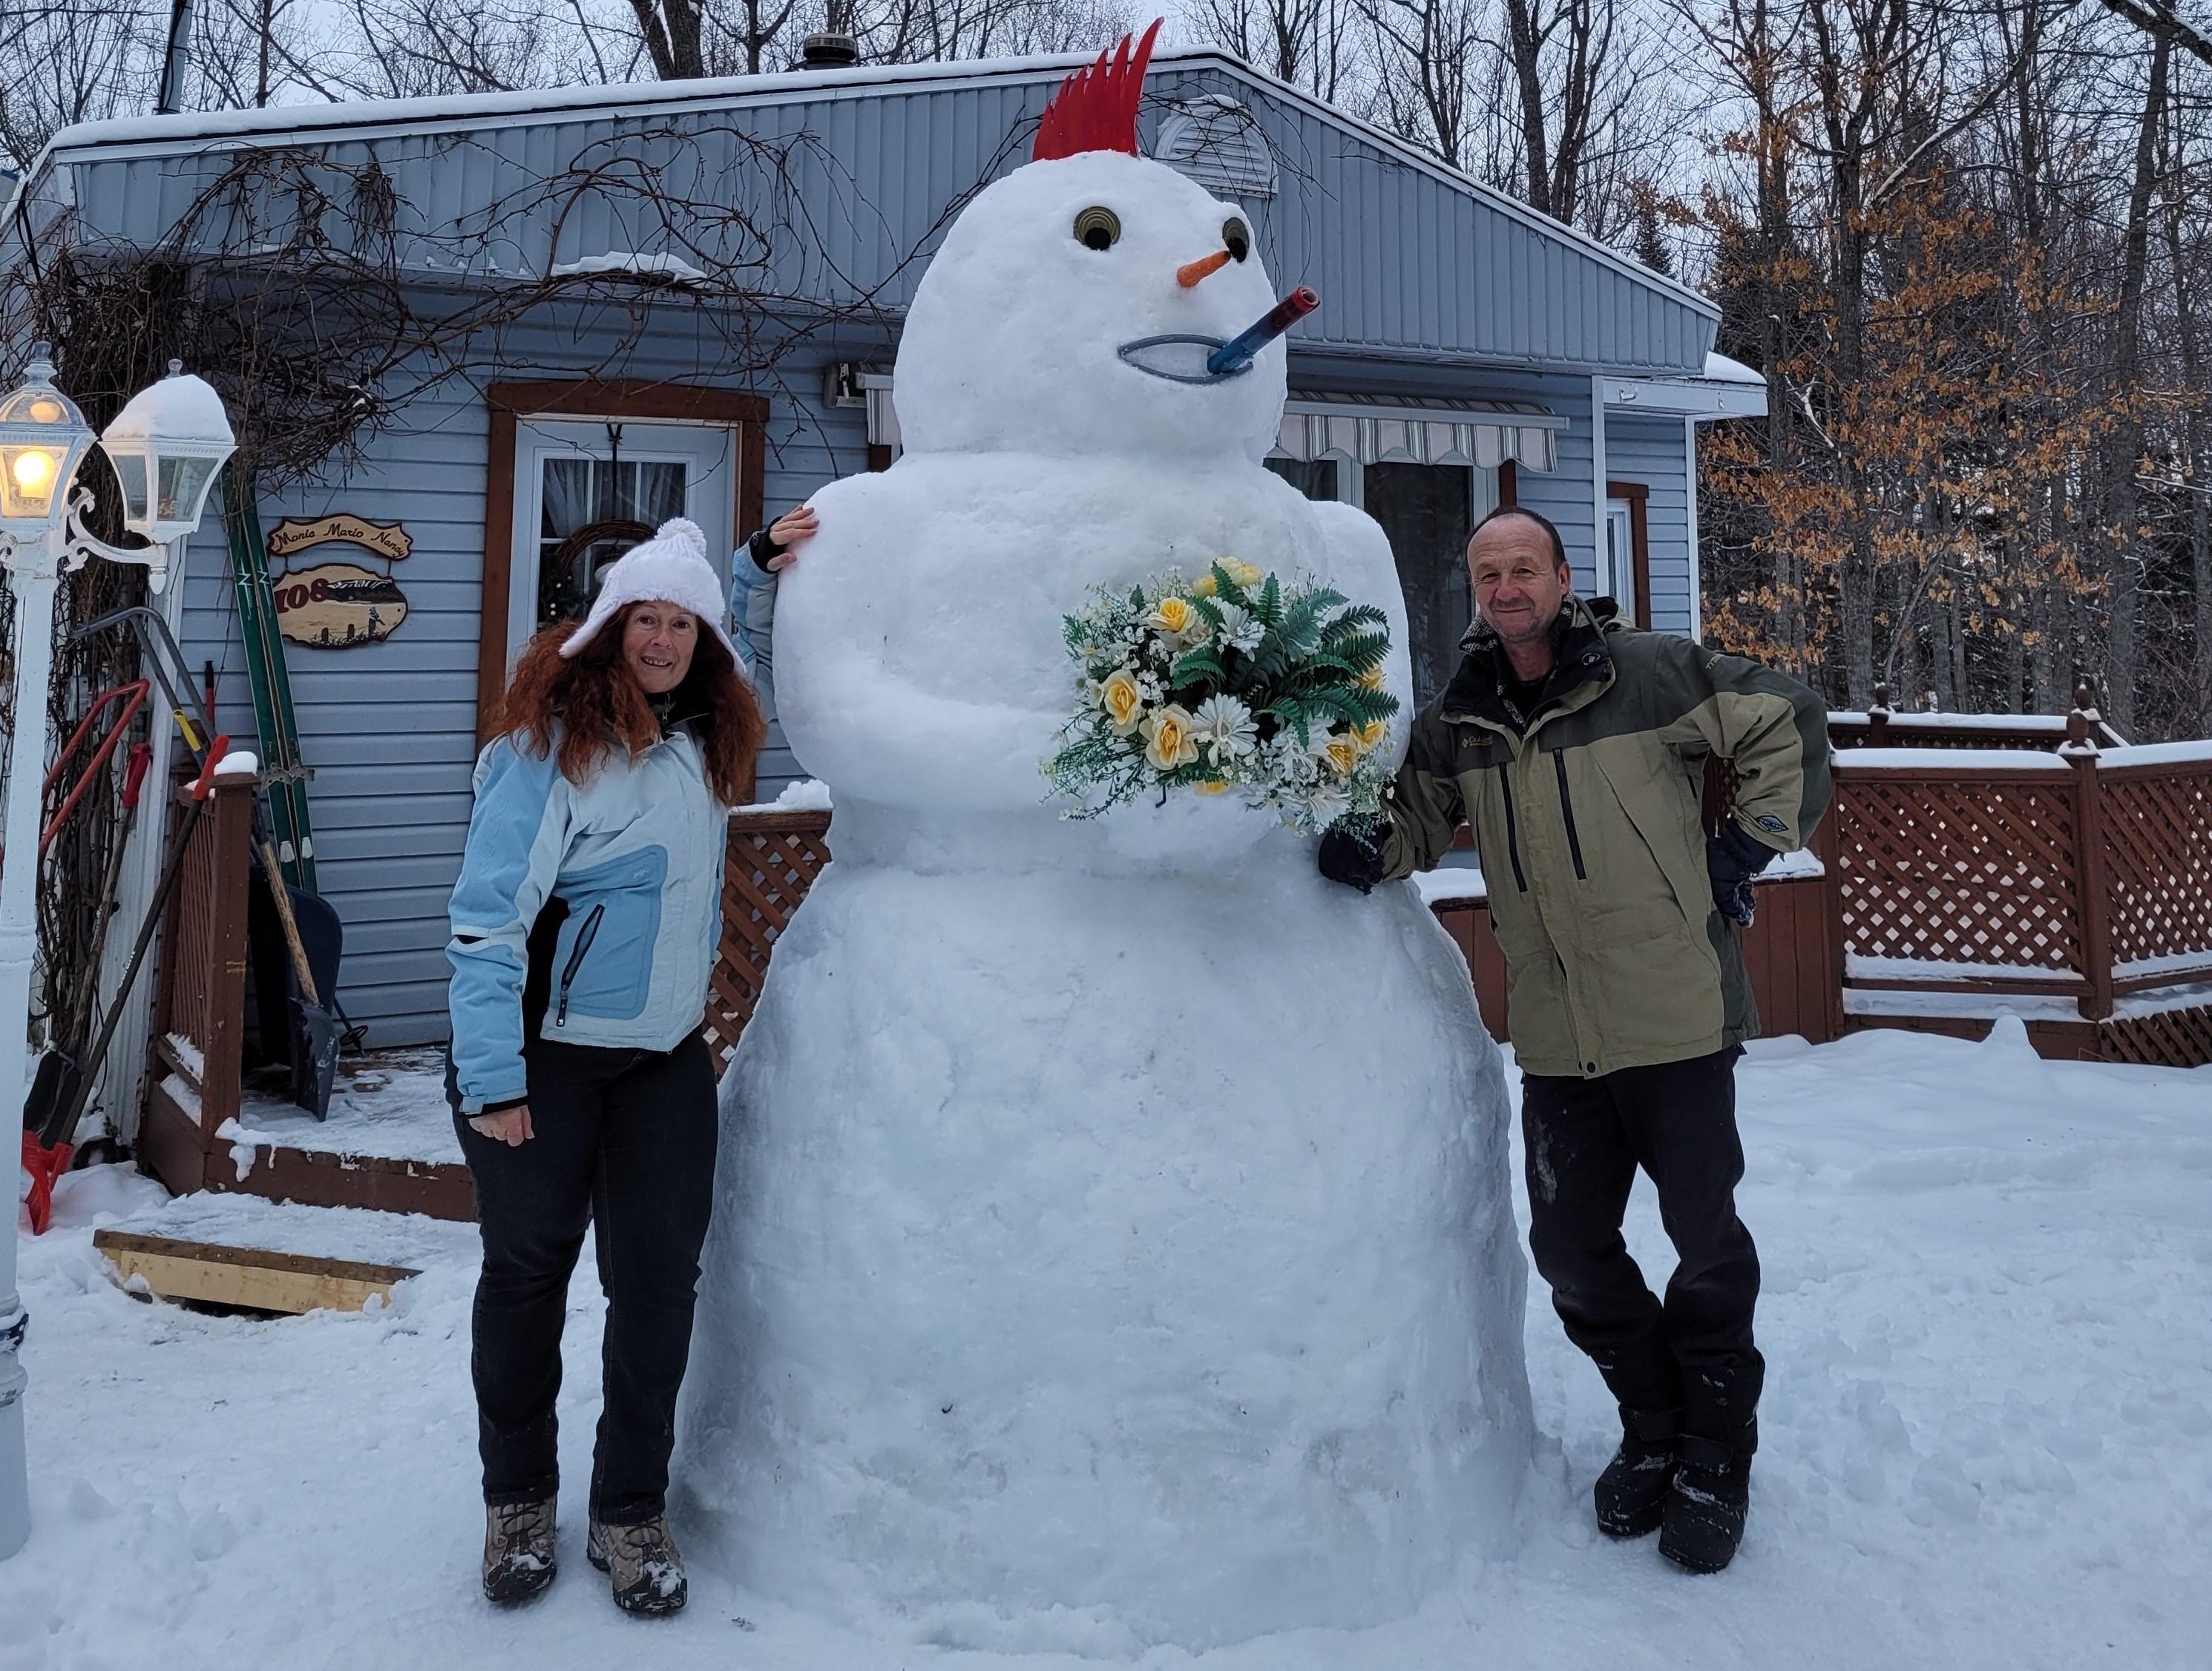 Nancy Thibeault et Mario Caron ont décidé de ne pas se laisser décourager par le confinement. Chaque semaine, ils présentent sur Facebook des photos de leur bonhomme de neige géant avec un style différent.